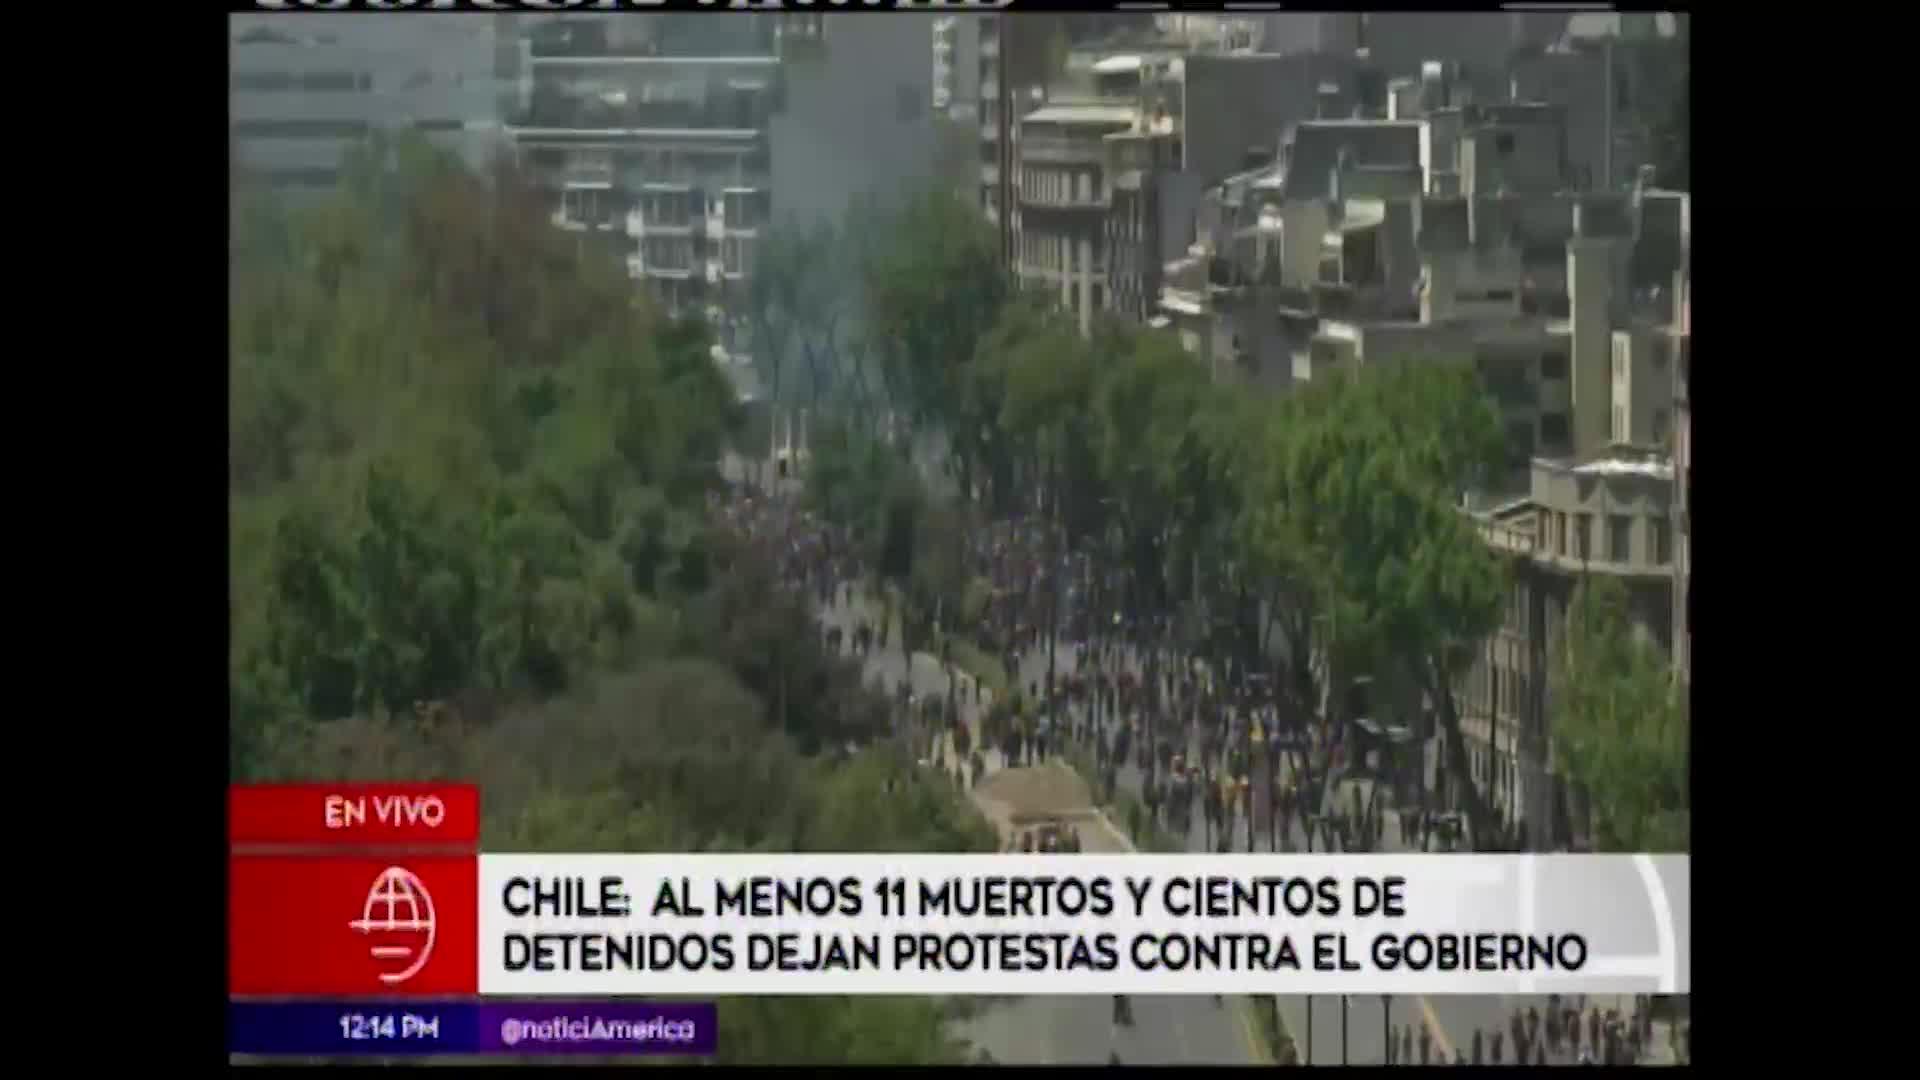 Chile: nuevas imágenes sobre feroz protesta contra el gobierno